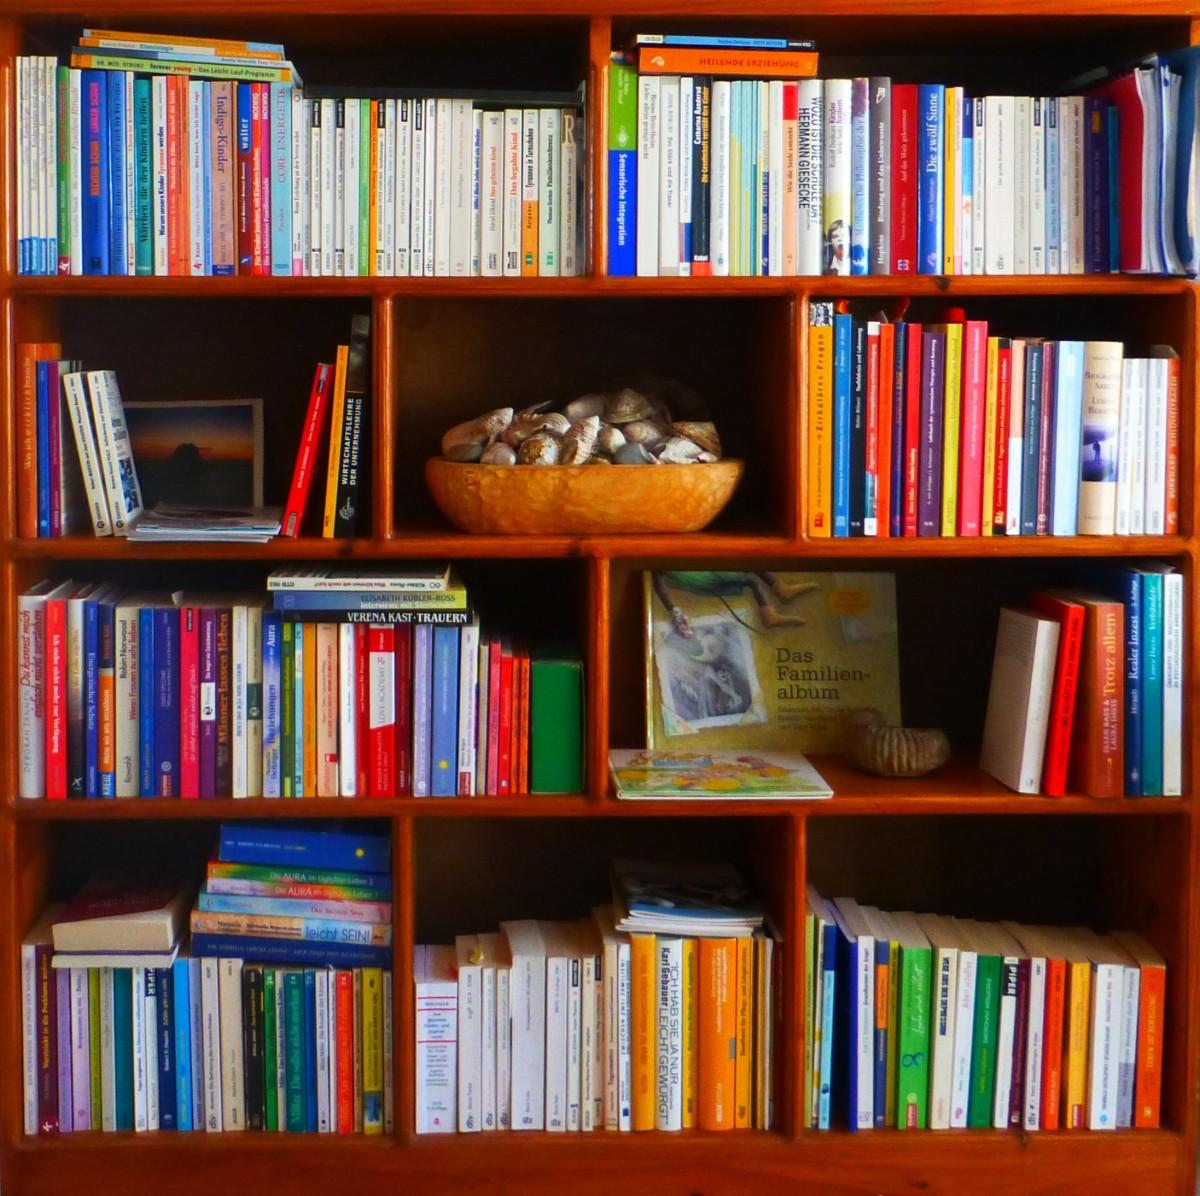 Fotos gratis libro leer colecci n mueble estante - Estantes para libros ...